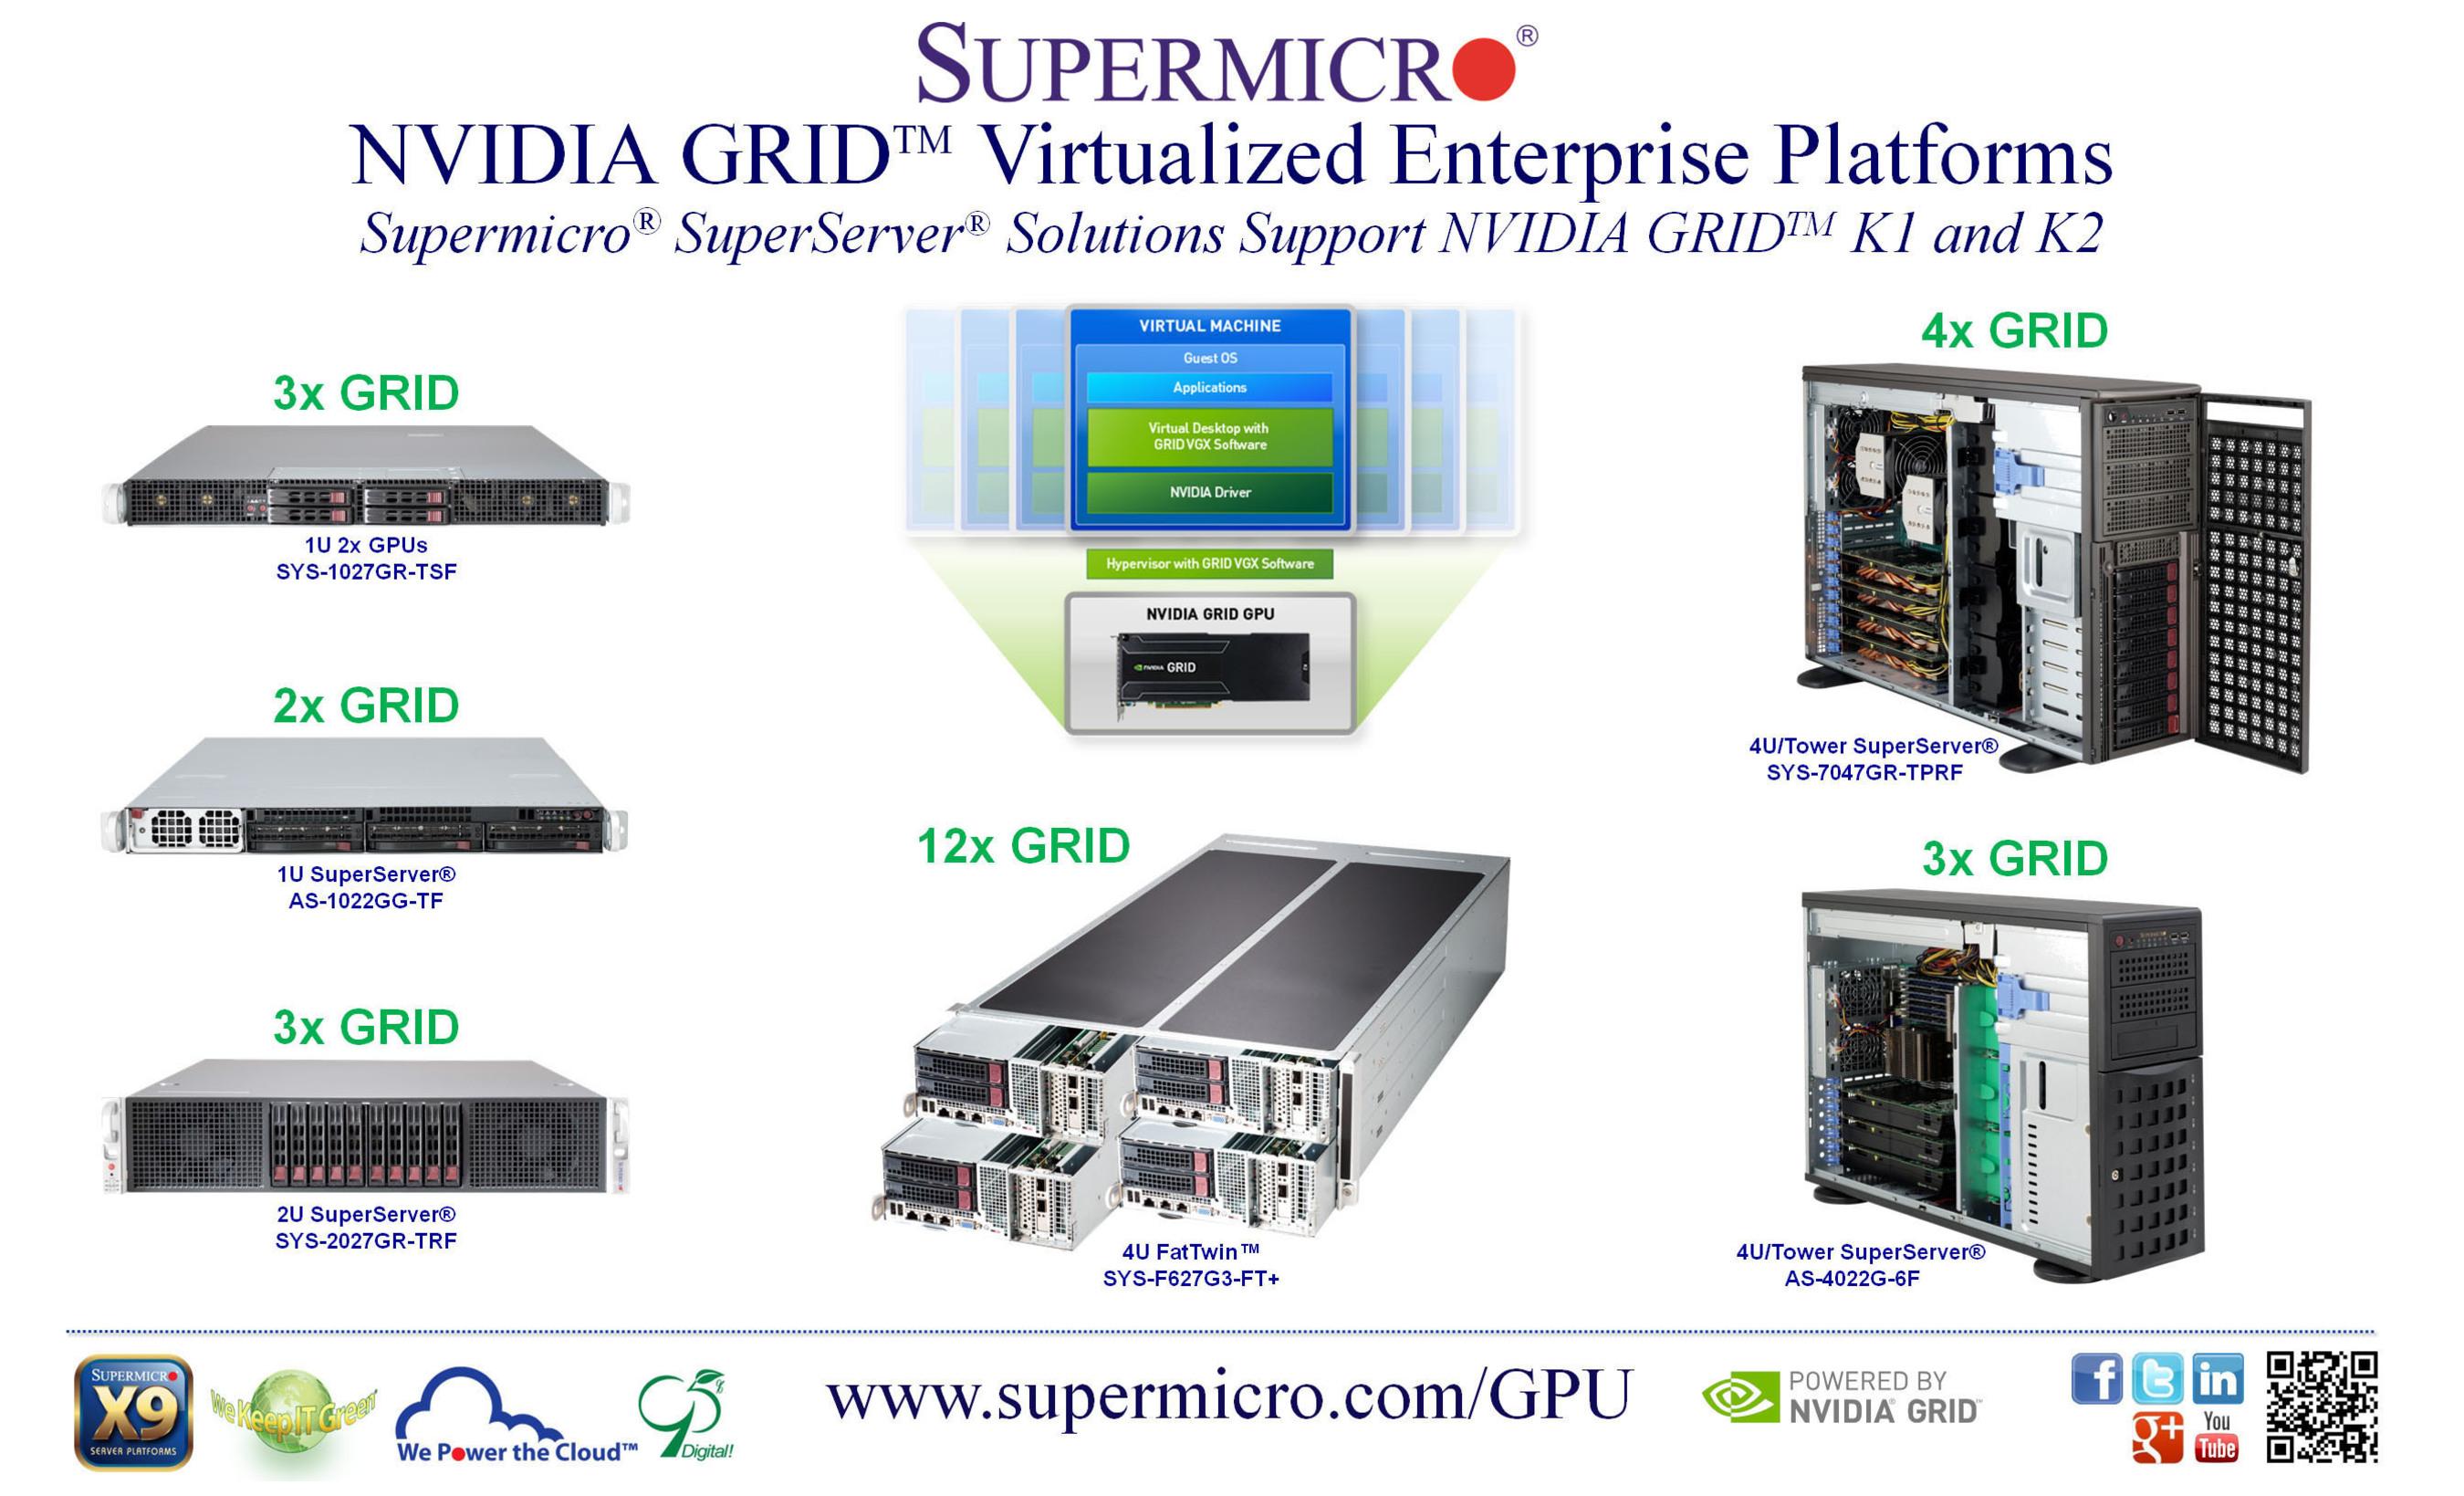 Le piattaforme server Supermicro® usano la tecnologia NVIDIA GRID™ per offrire prestazioni grafiche